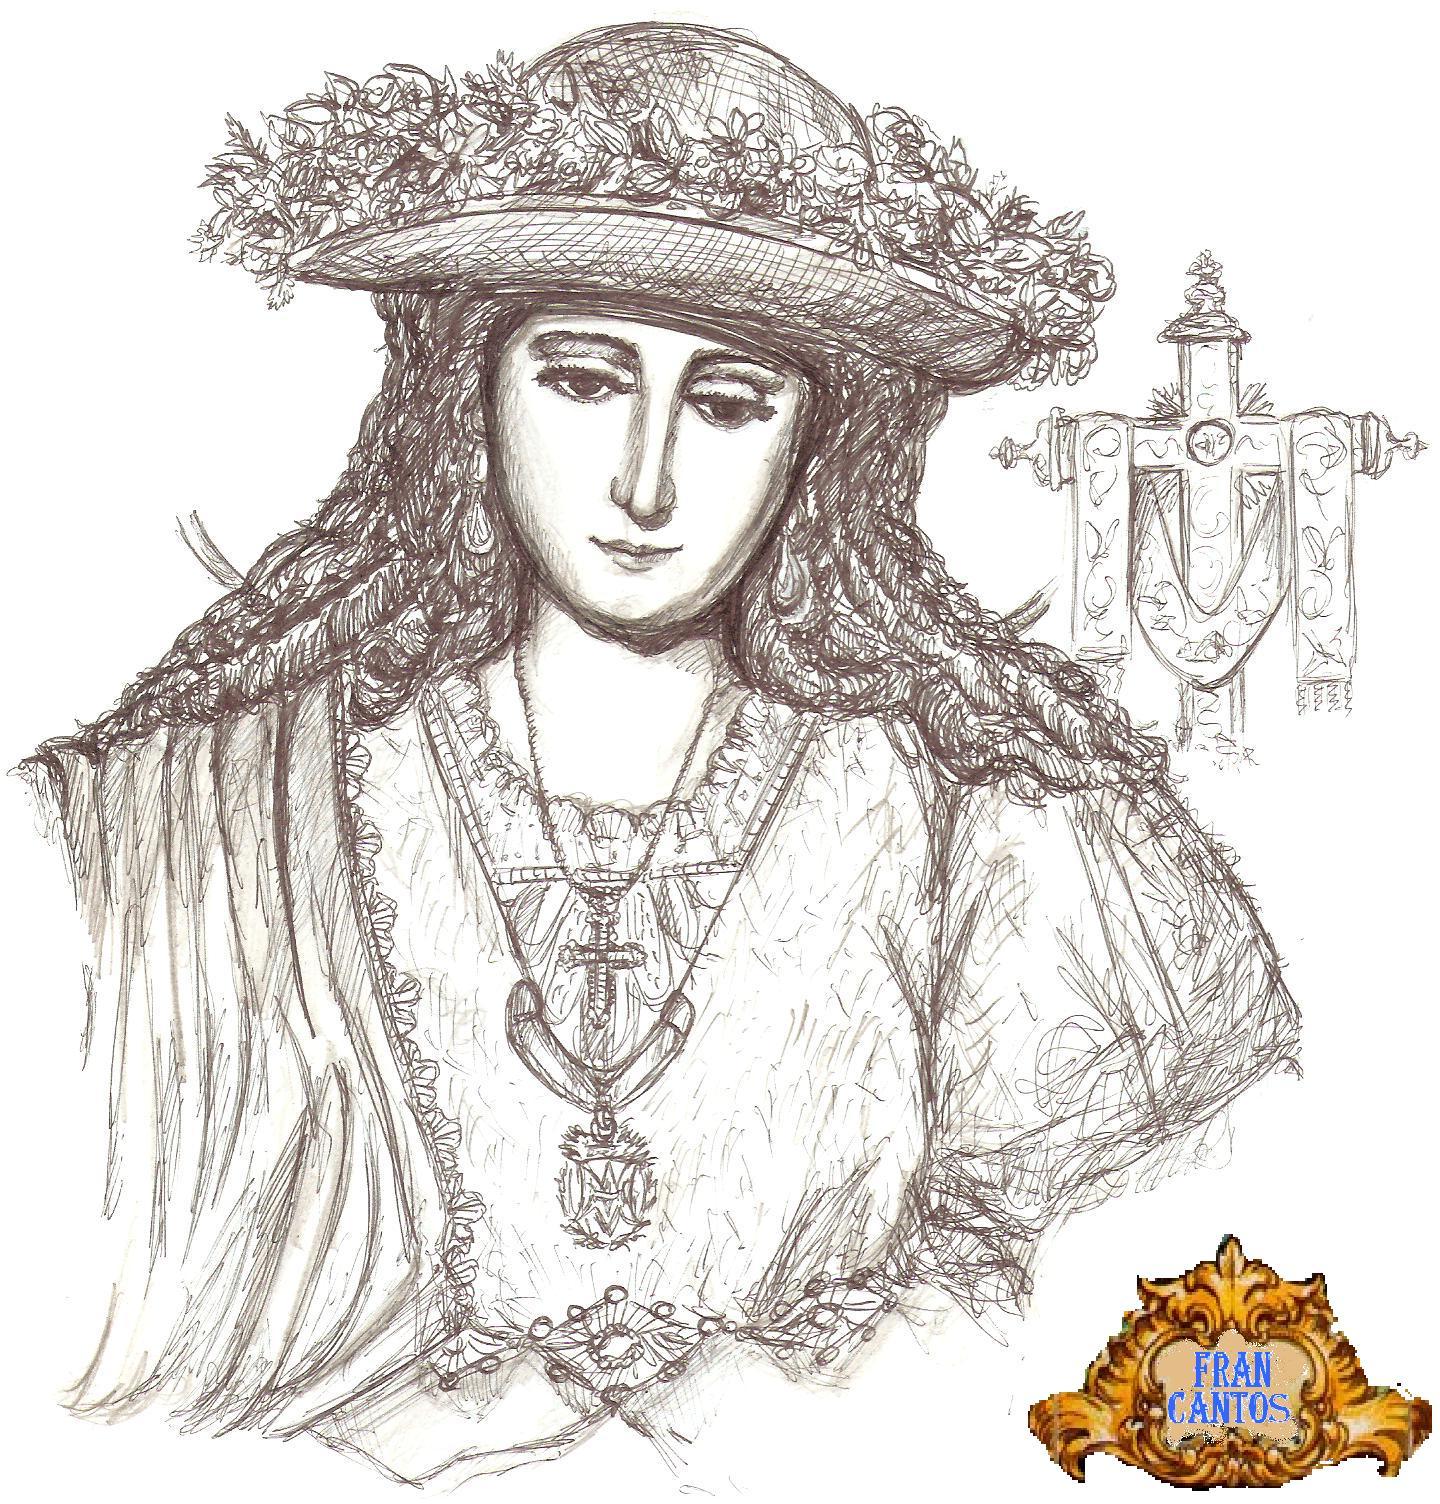 Imagenes De La Divina Pastora